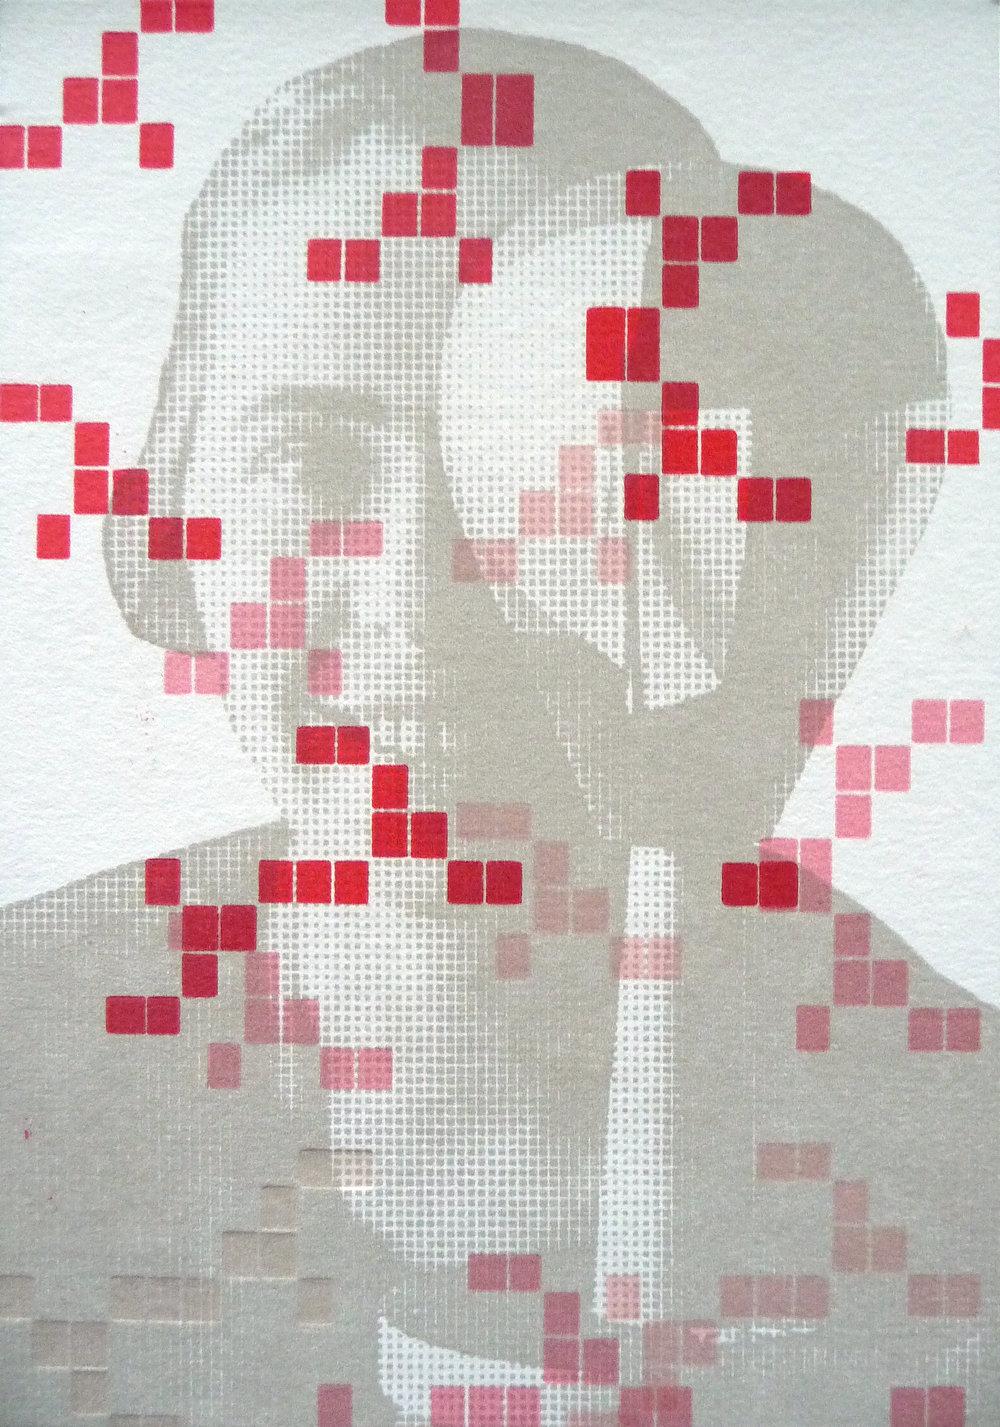 Sophie Taueber Arp.jpg